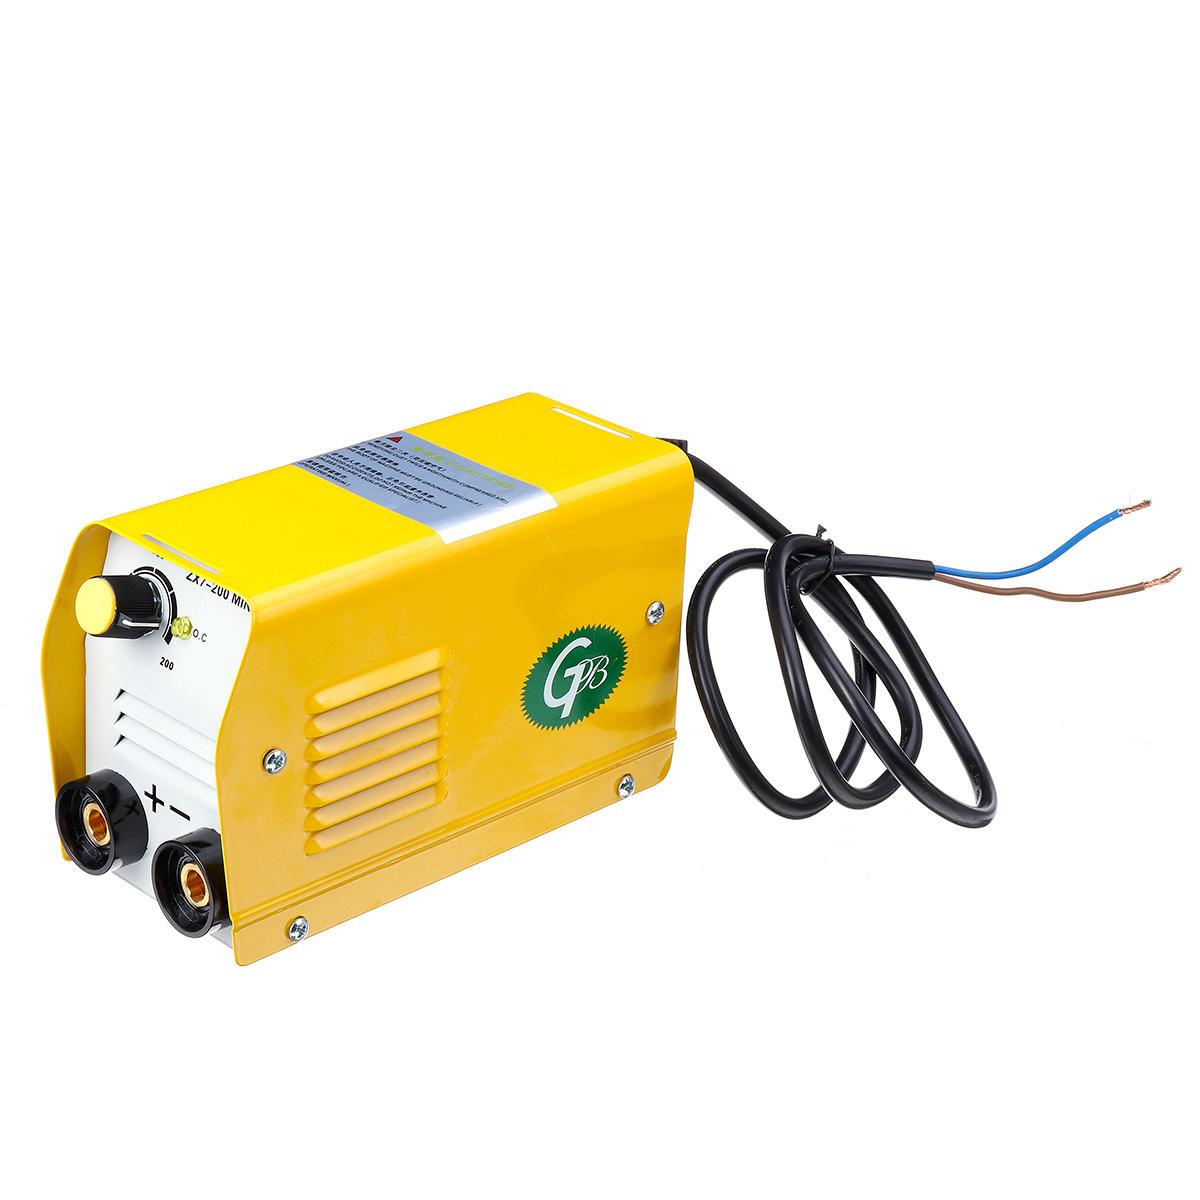 Spawarka elektryczna ZX7-200 MINI Electric welder